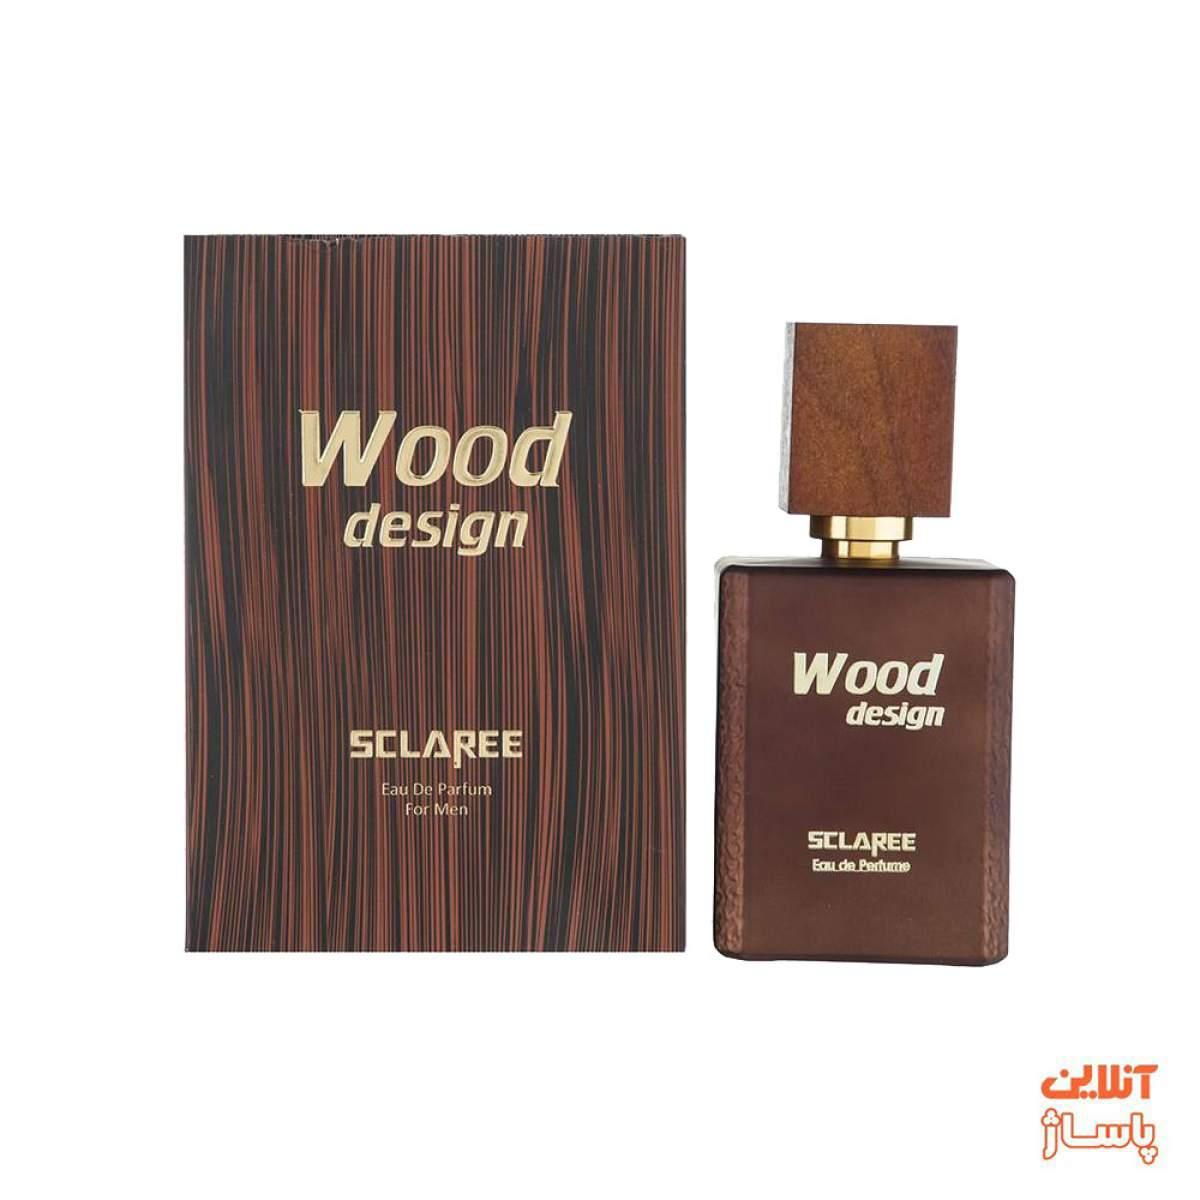 ادوپرفیوم مردانه اسکلاره مدل Wood Design حجم 100 میلی لیتر